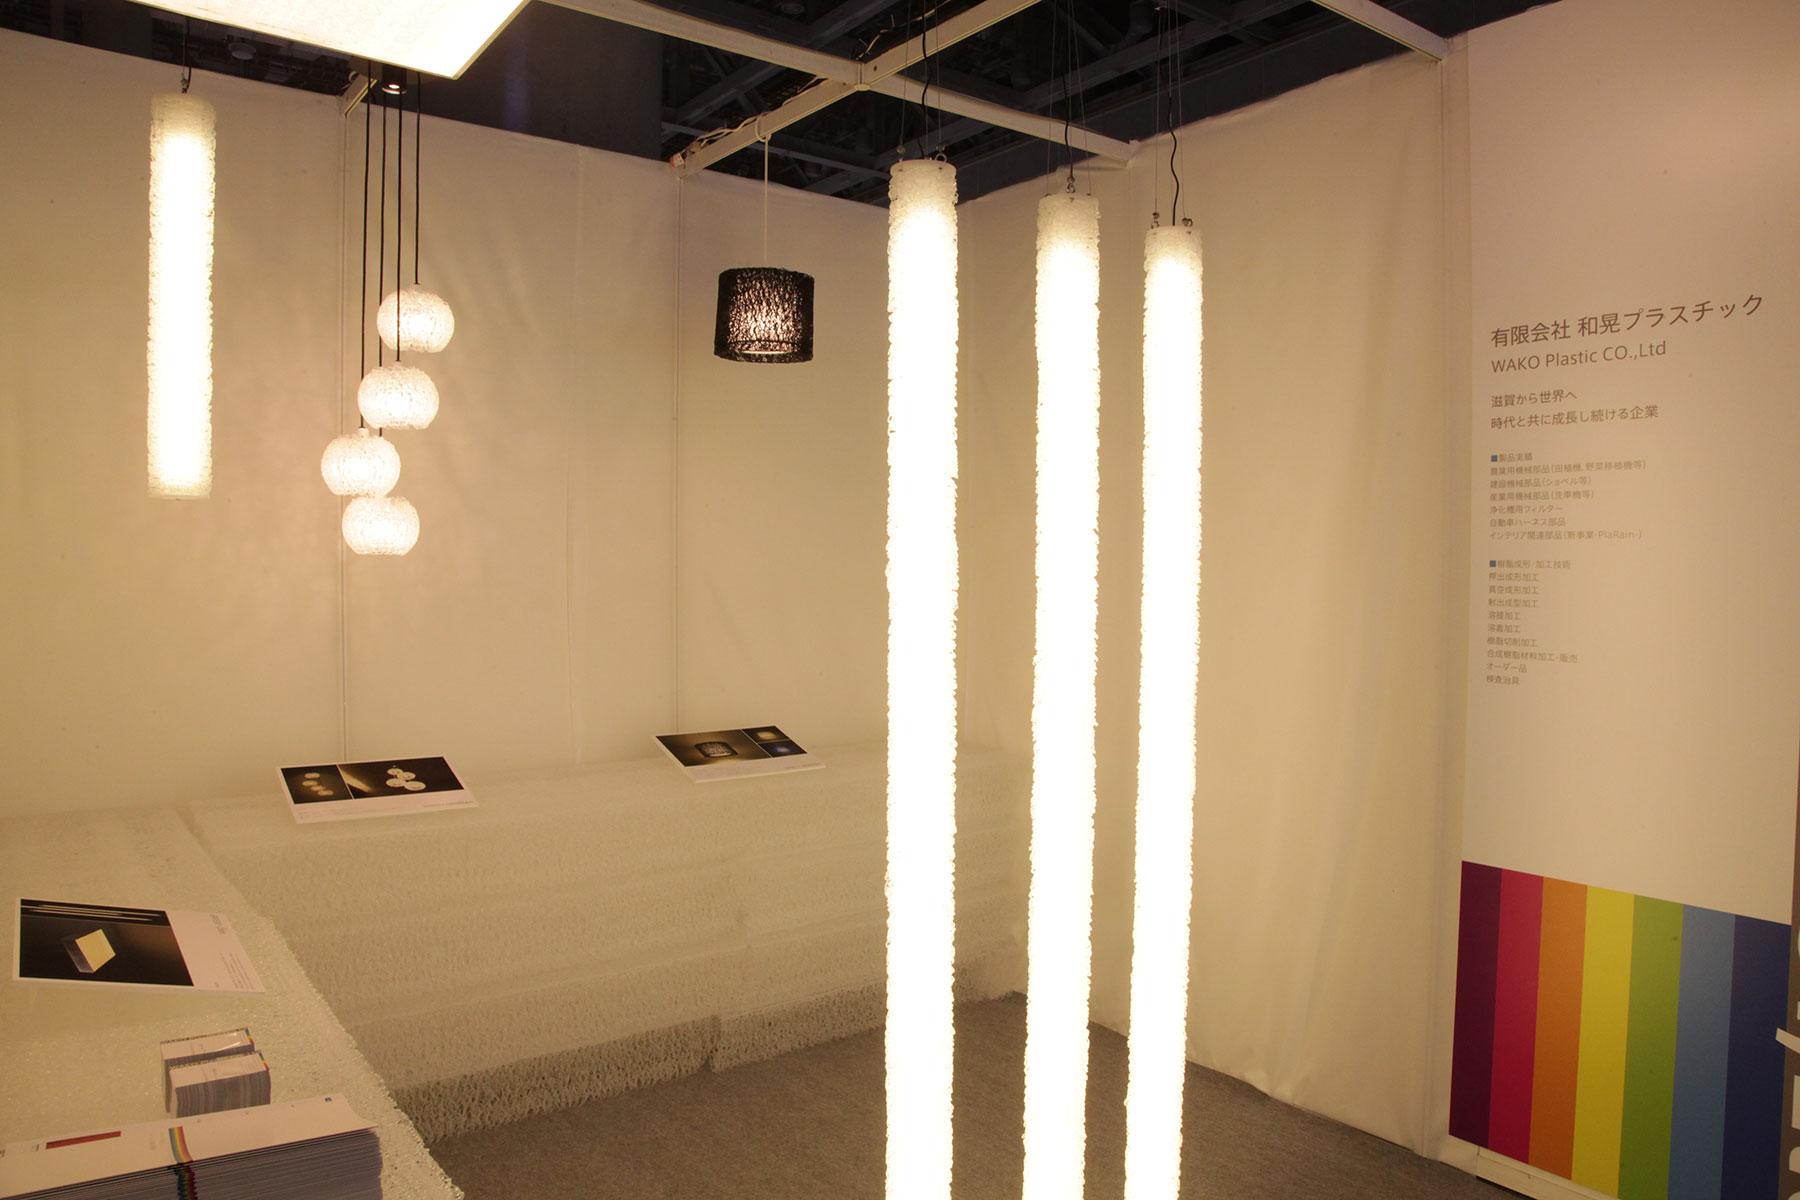 ライティングフェア2013照明新素材プラレイン和晃プラスチックインテリア